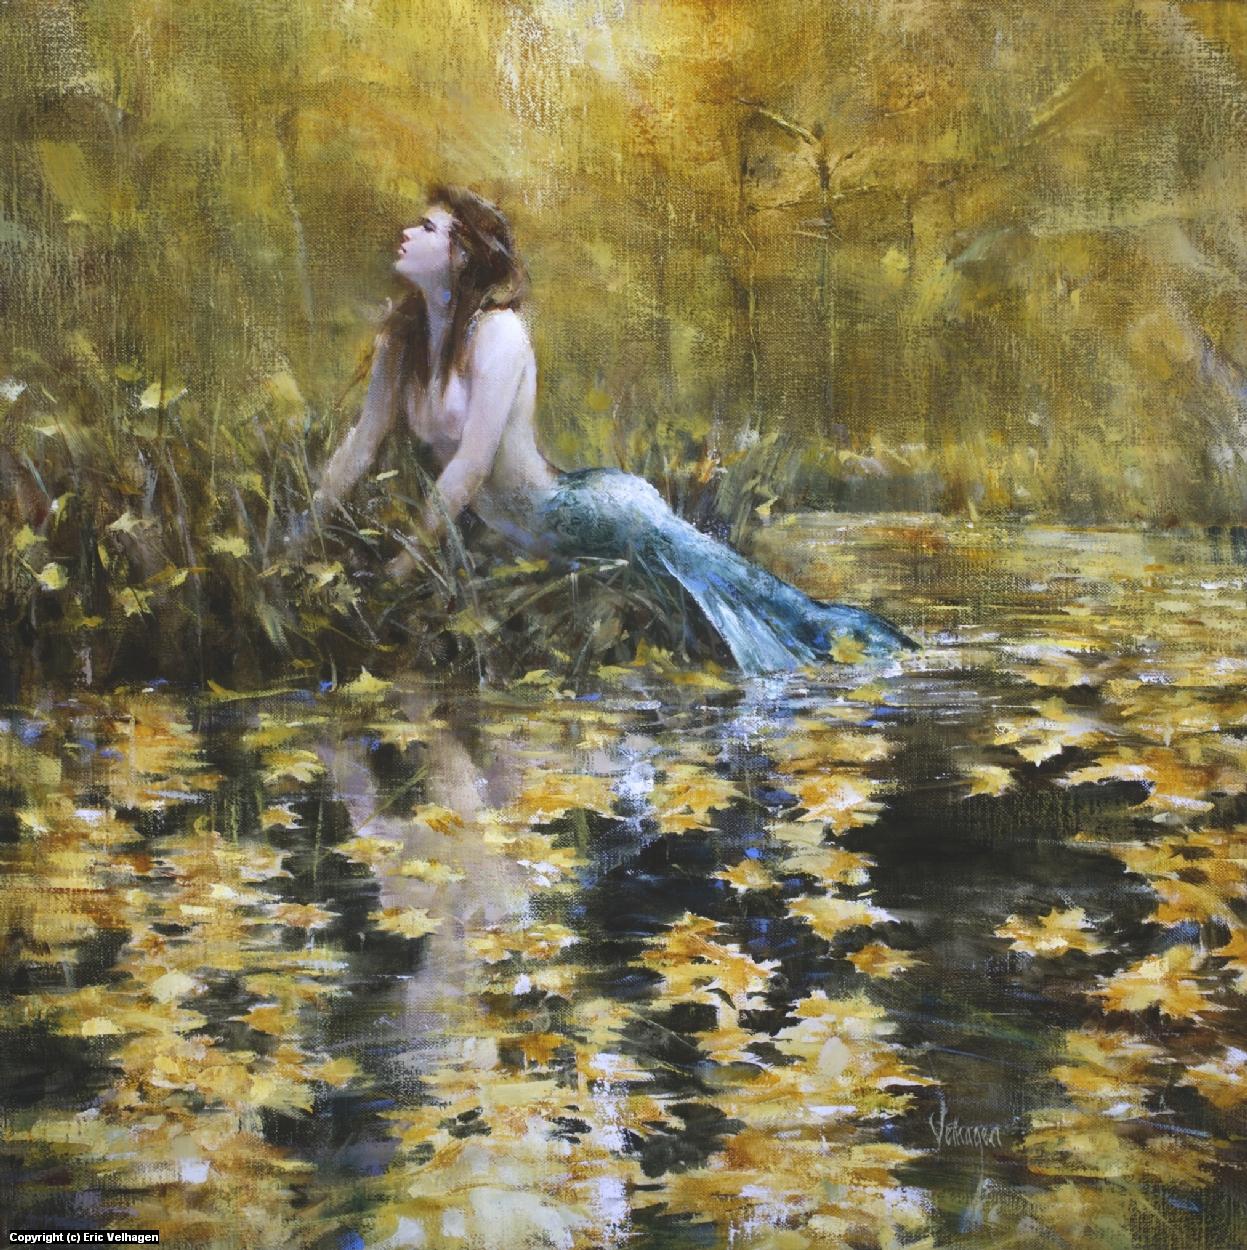 Autumn Nymph Artwork by Eric Velhagen